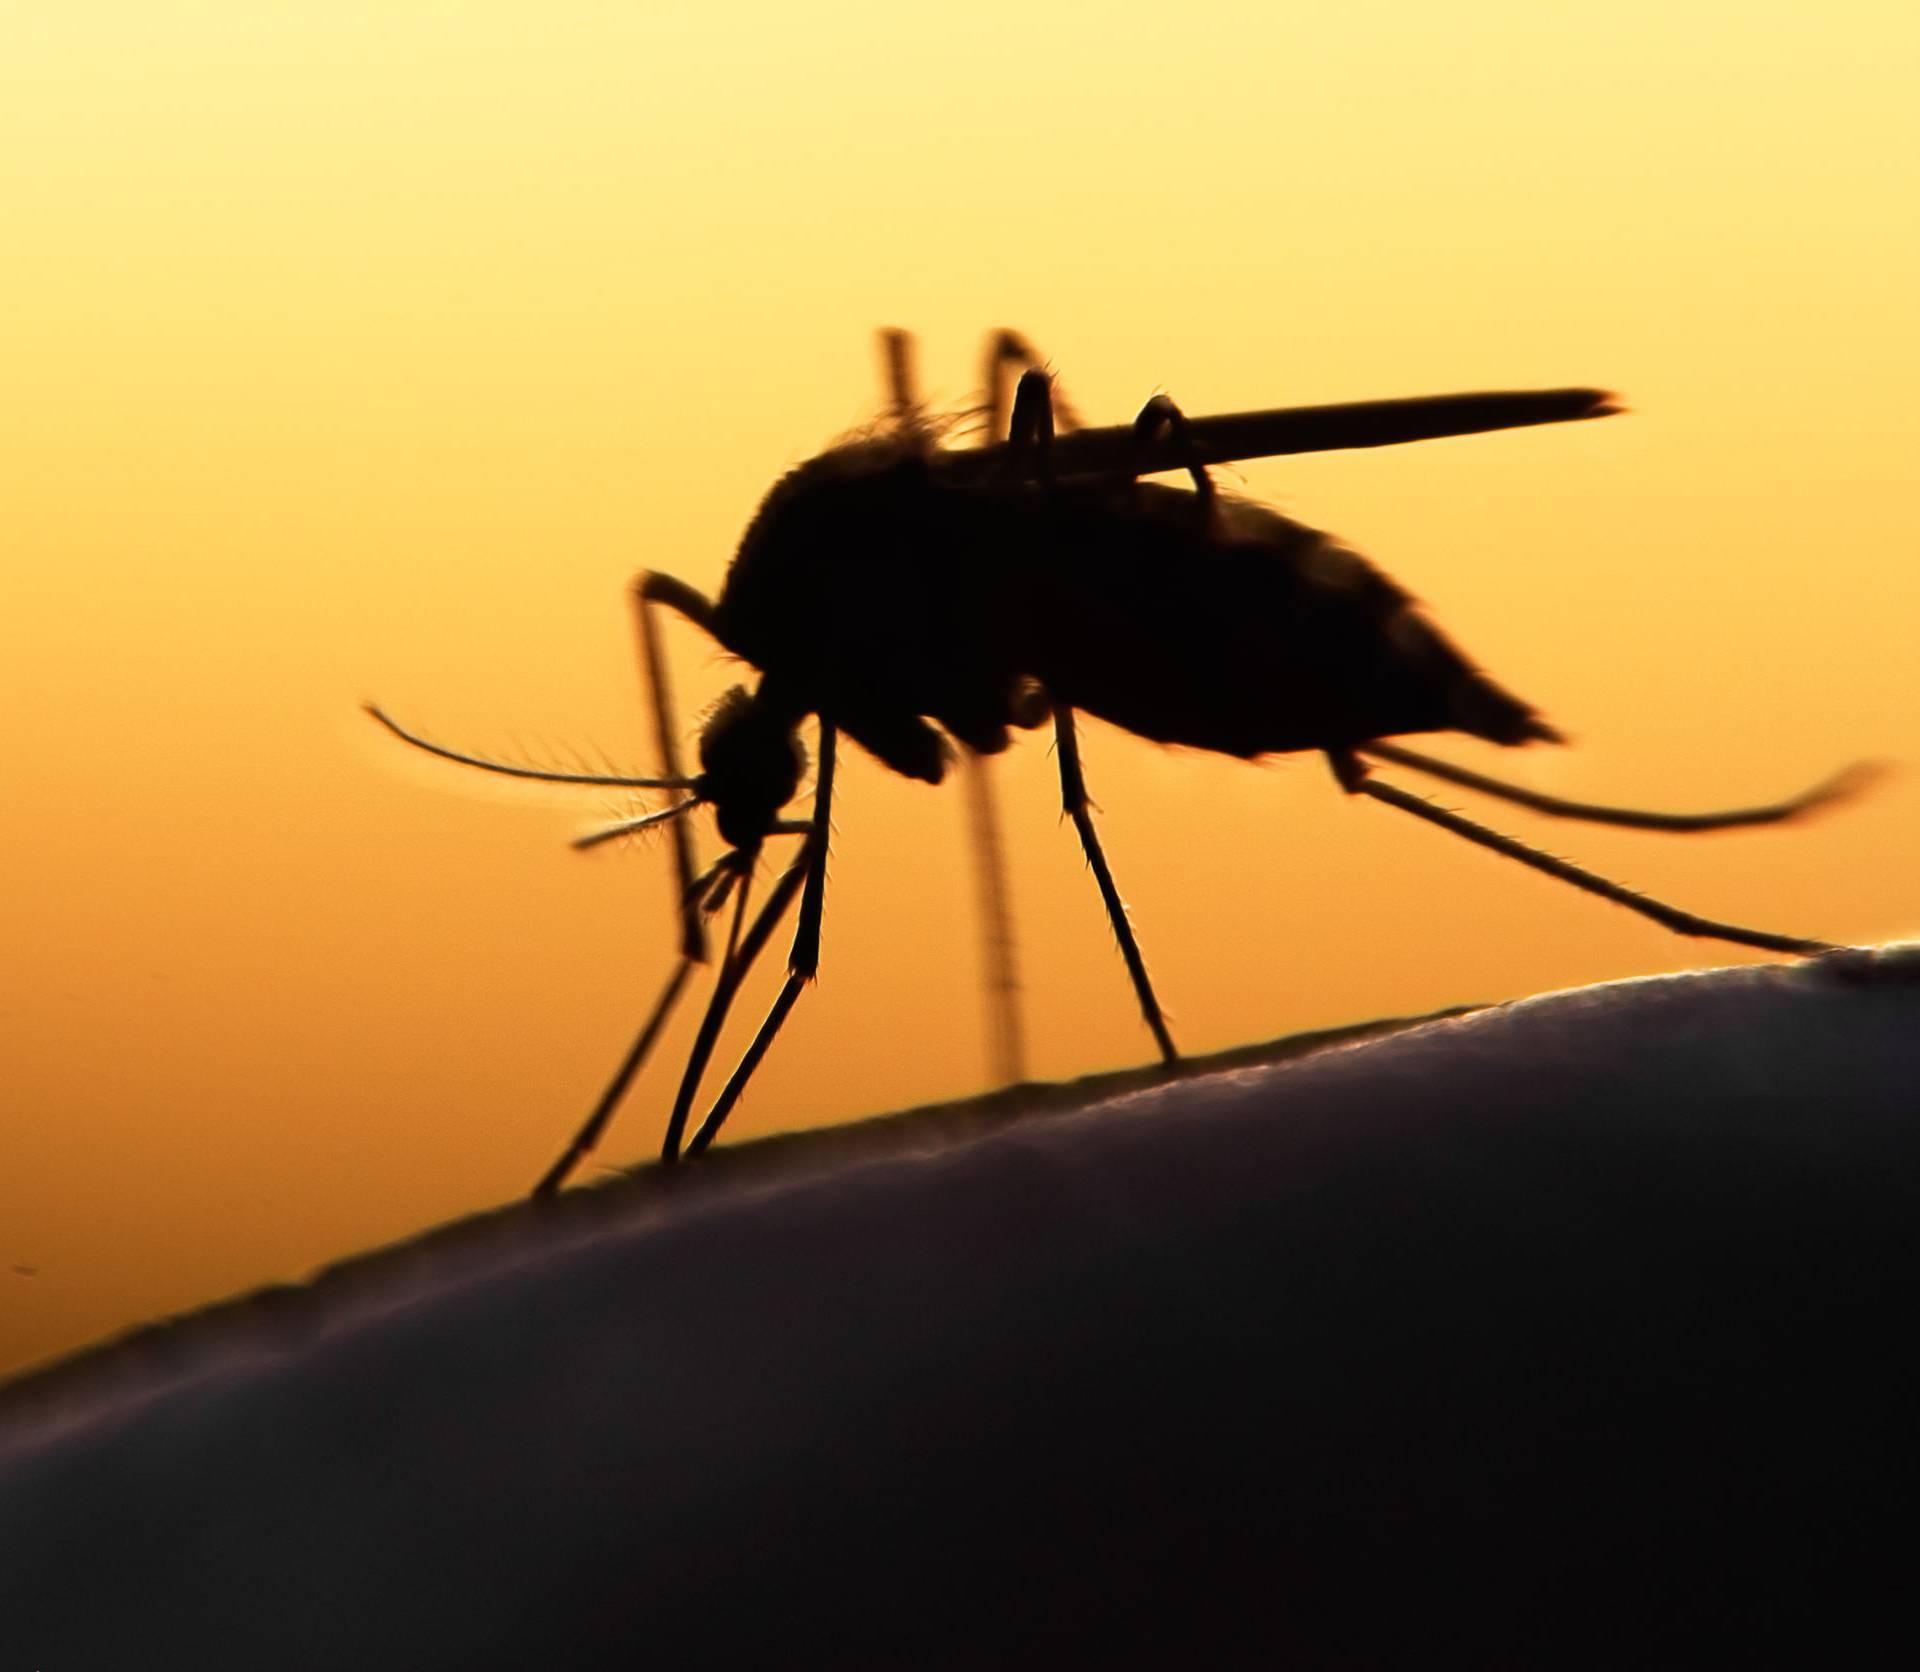 11 činjenica o komarcima: Što ih privlači, a što odbija od nas